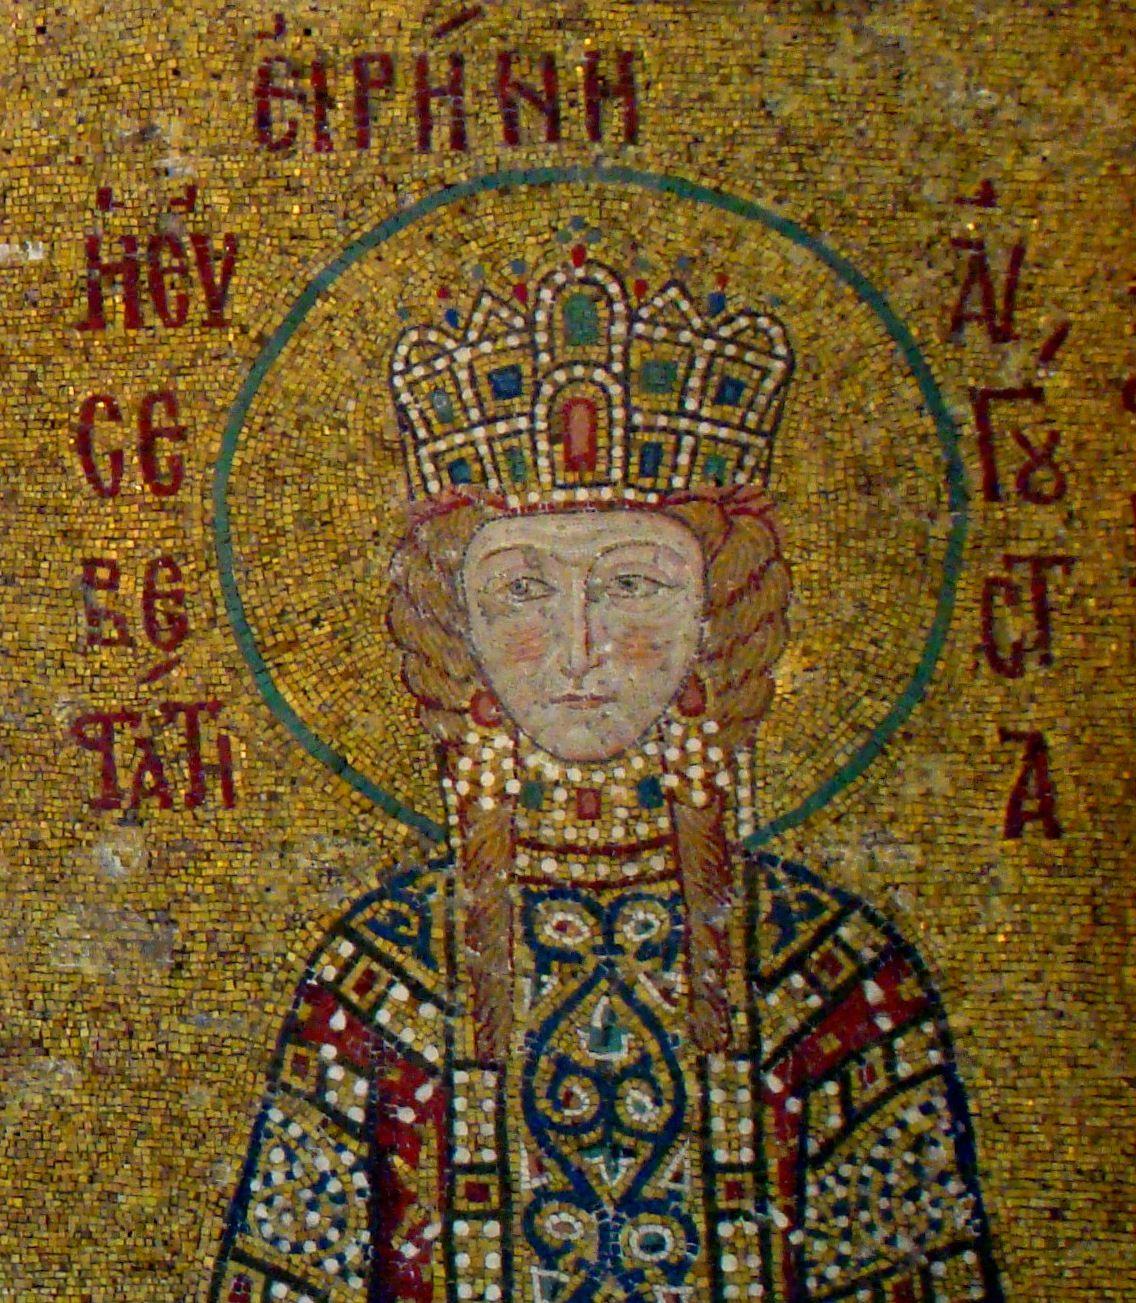 Cesarzowa Bizancjum musiała mieć bizantyjskie imię. I ściśle trzymano się tej zasady... (fot. Bjørn Christian Tørrissen; lic. CC BY-SA 3.0).